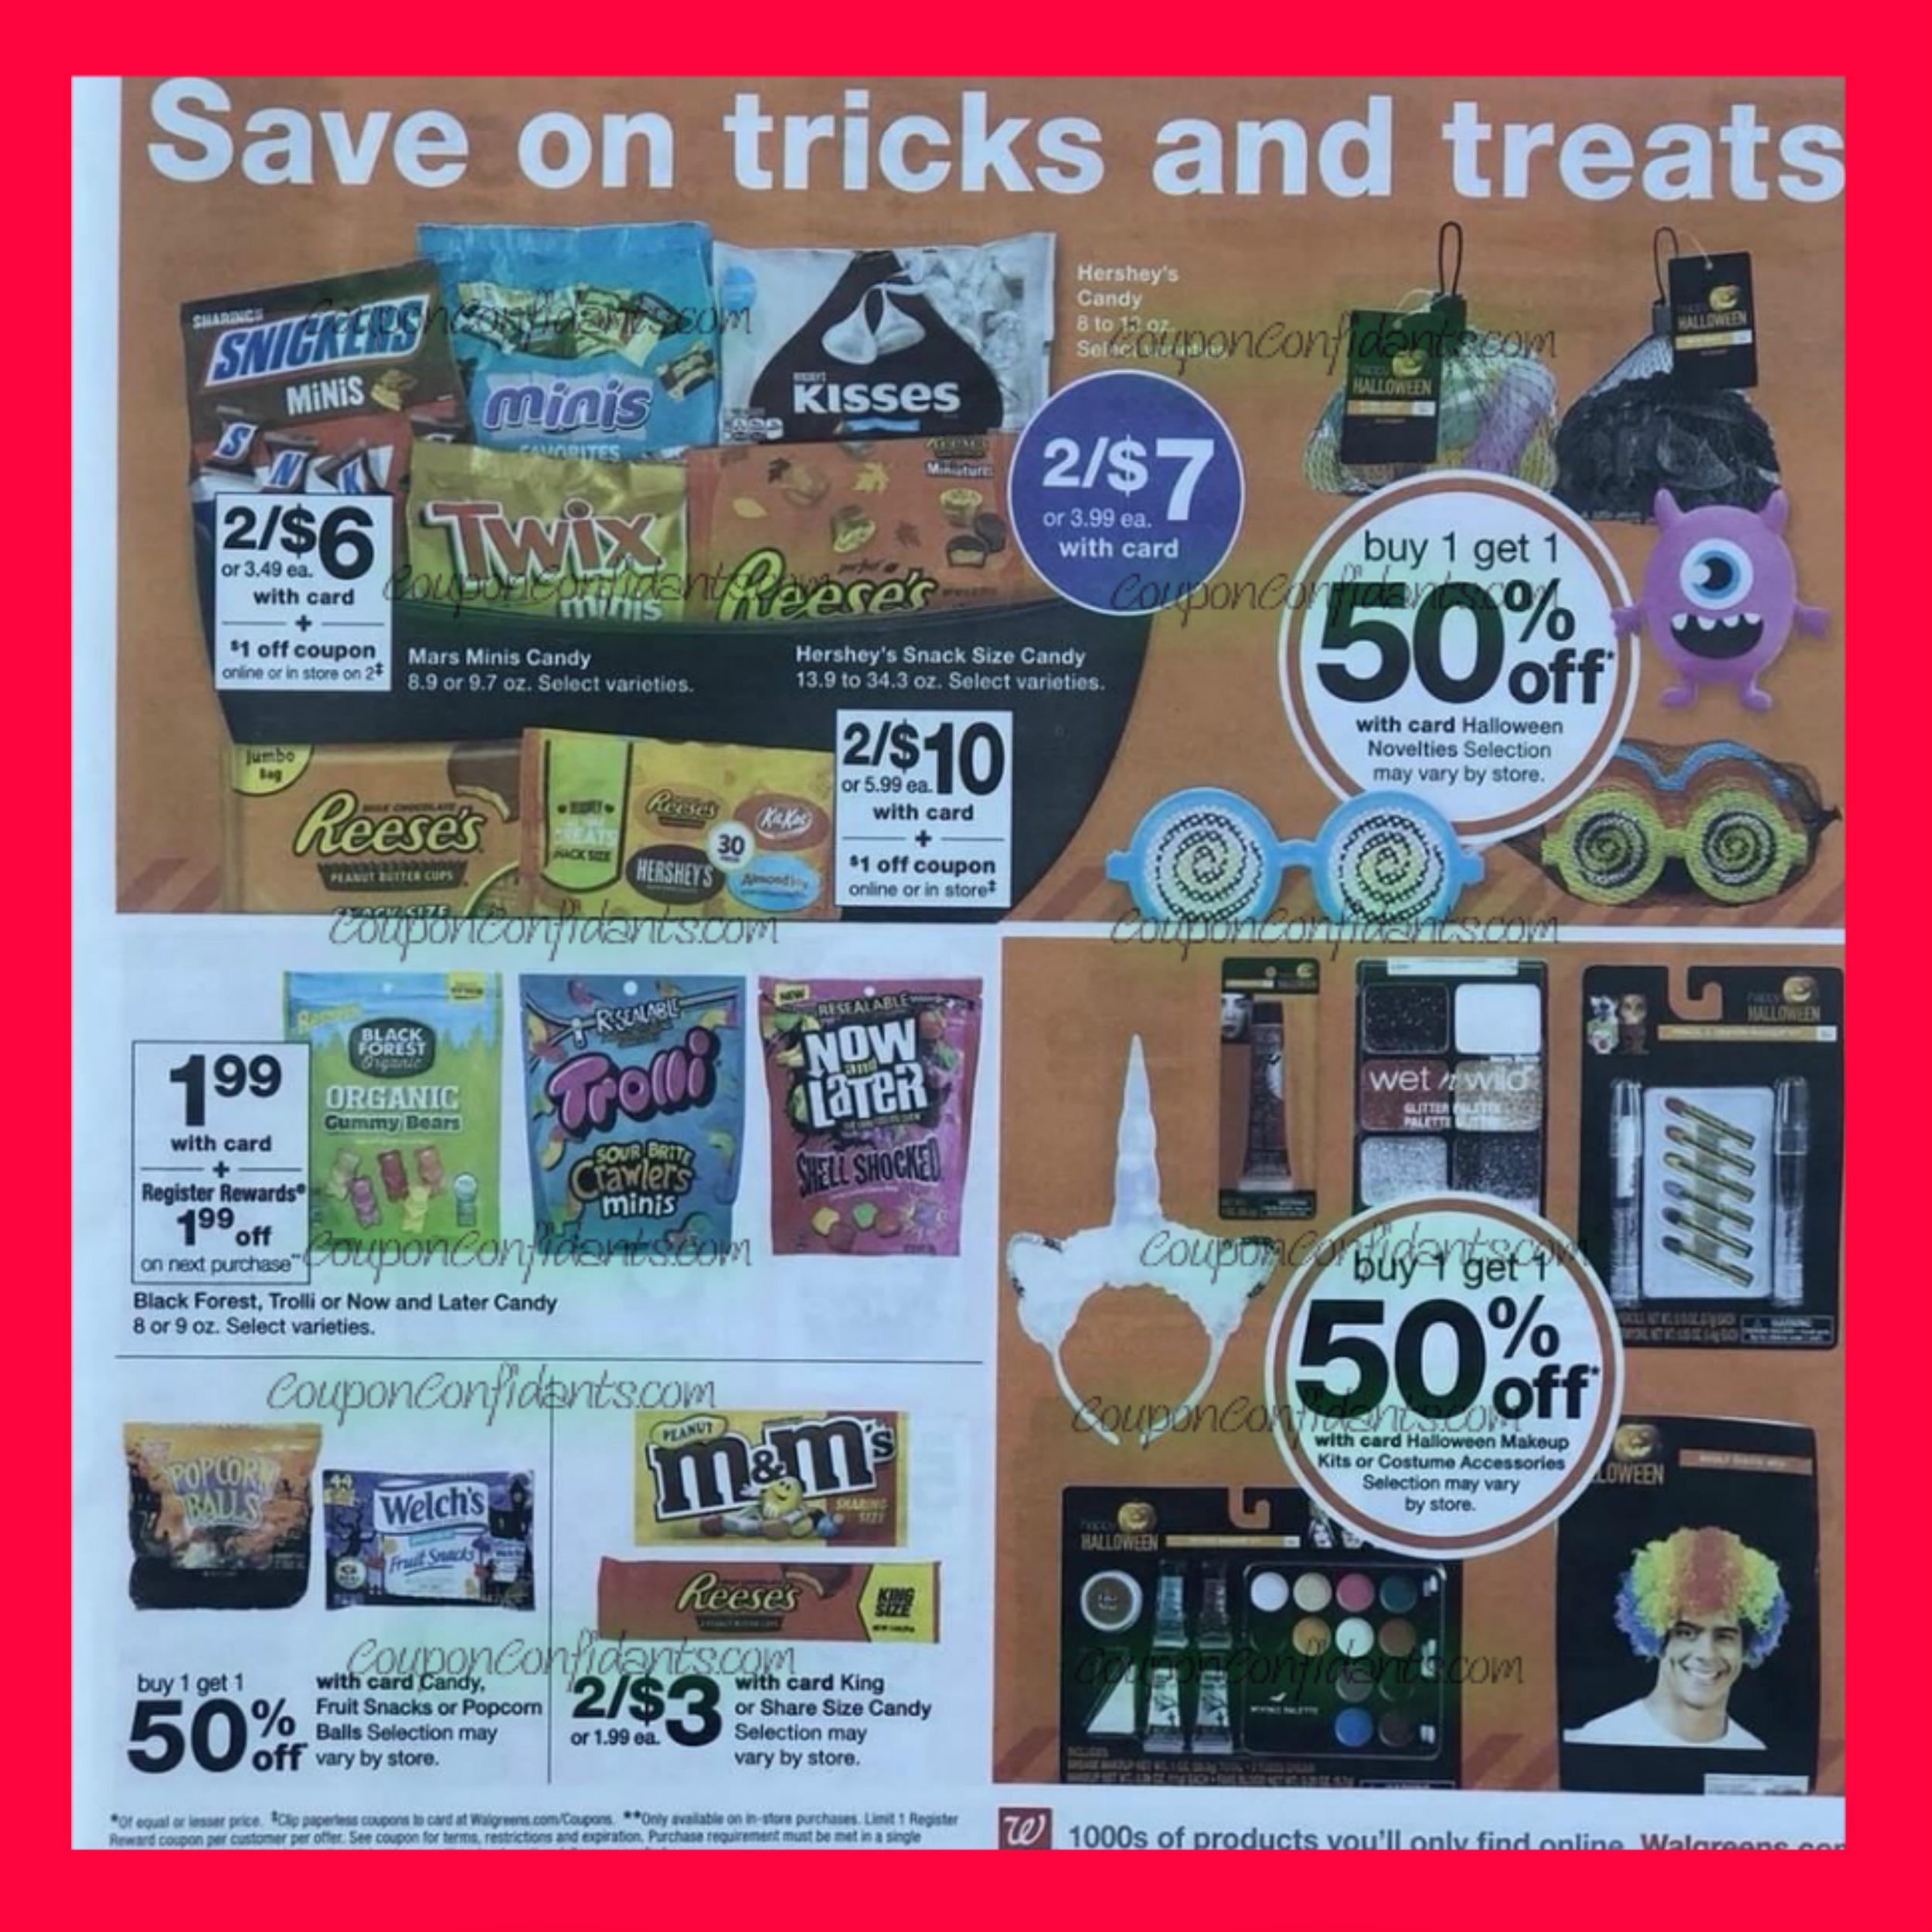 Walgreens Ad Preview October 14 - 20 ⋆ Coupon Confidants